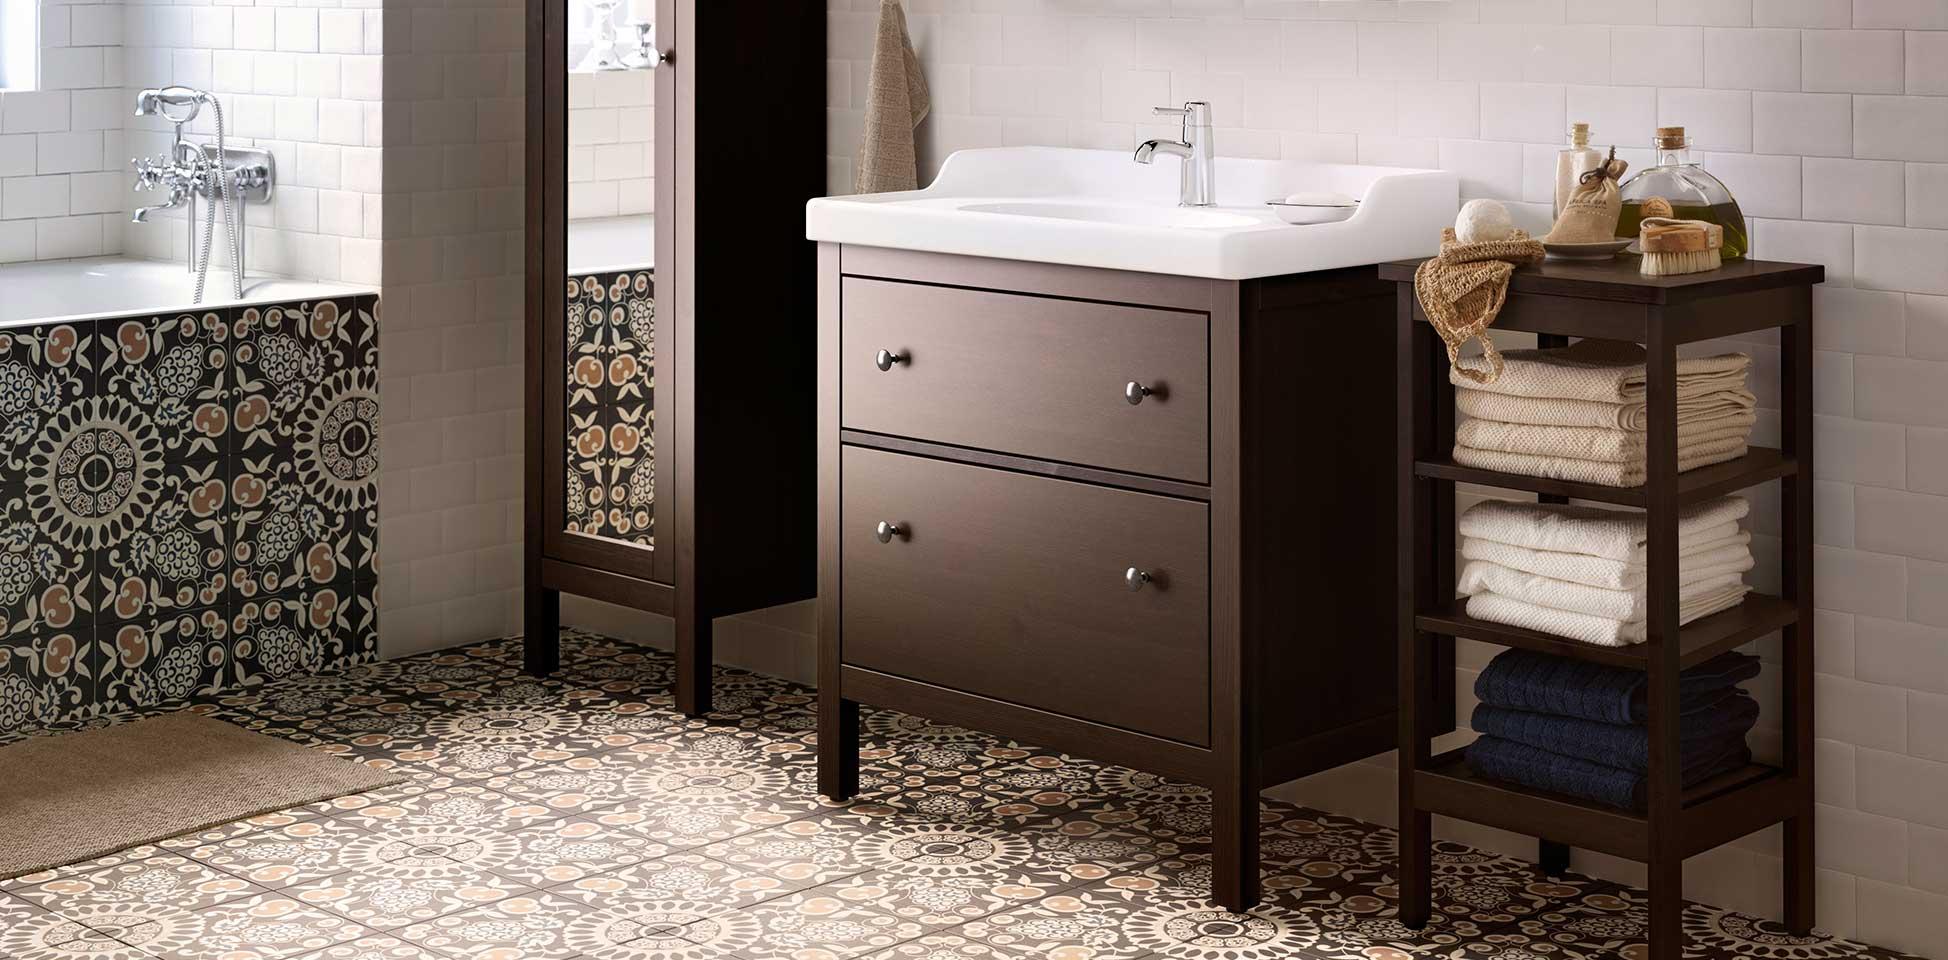 Consejos para elegir los colores de los muebles de tu baño